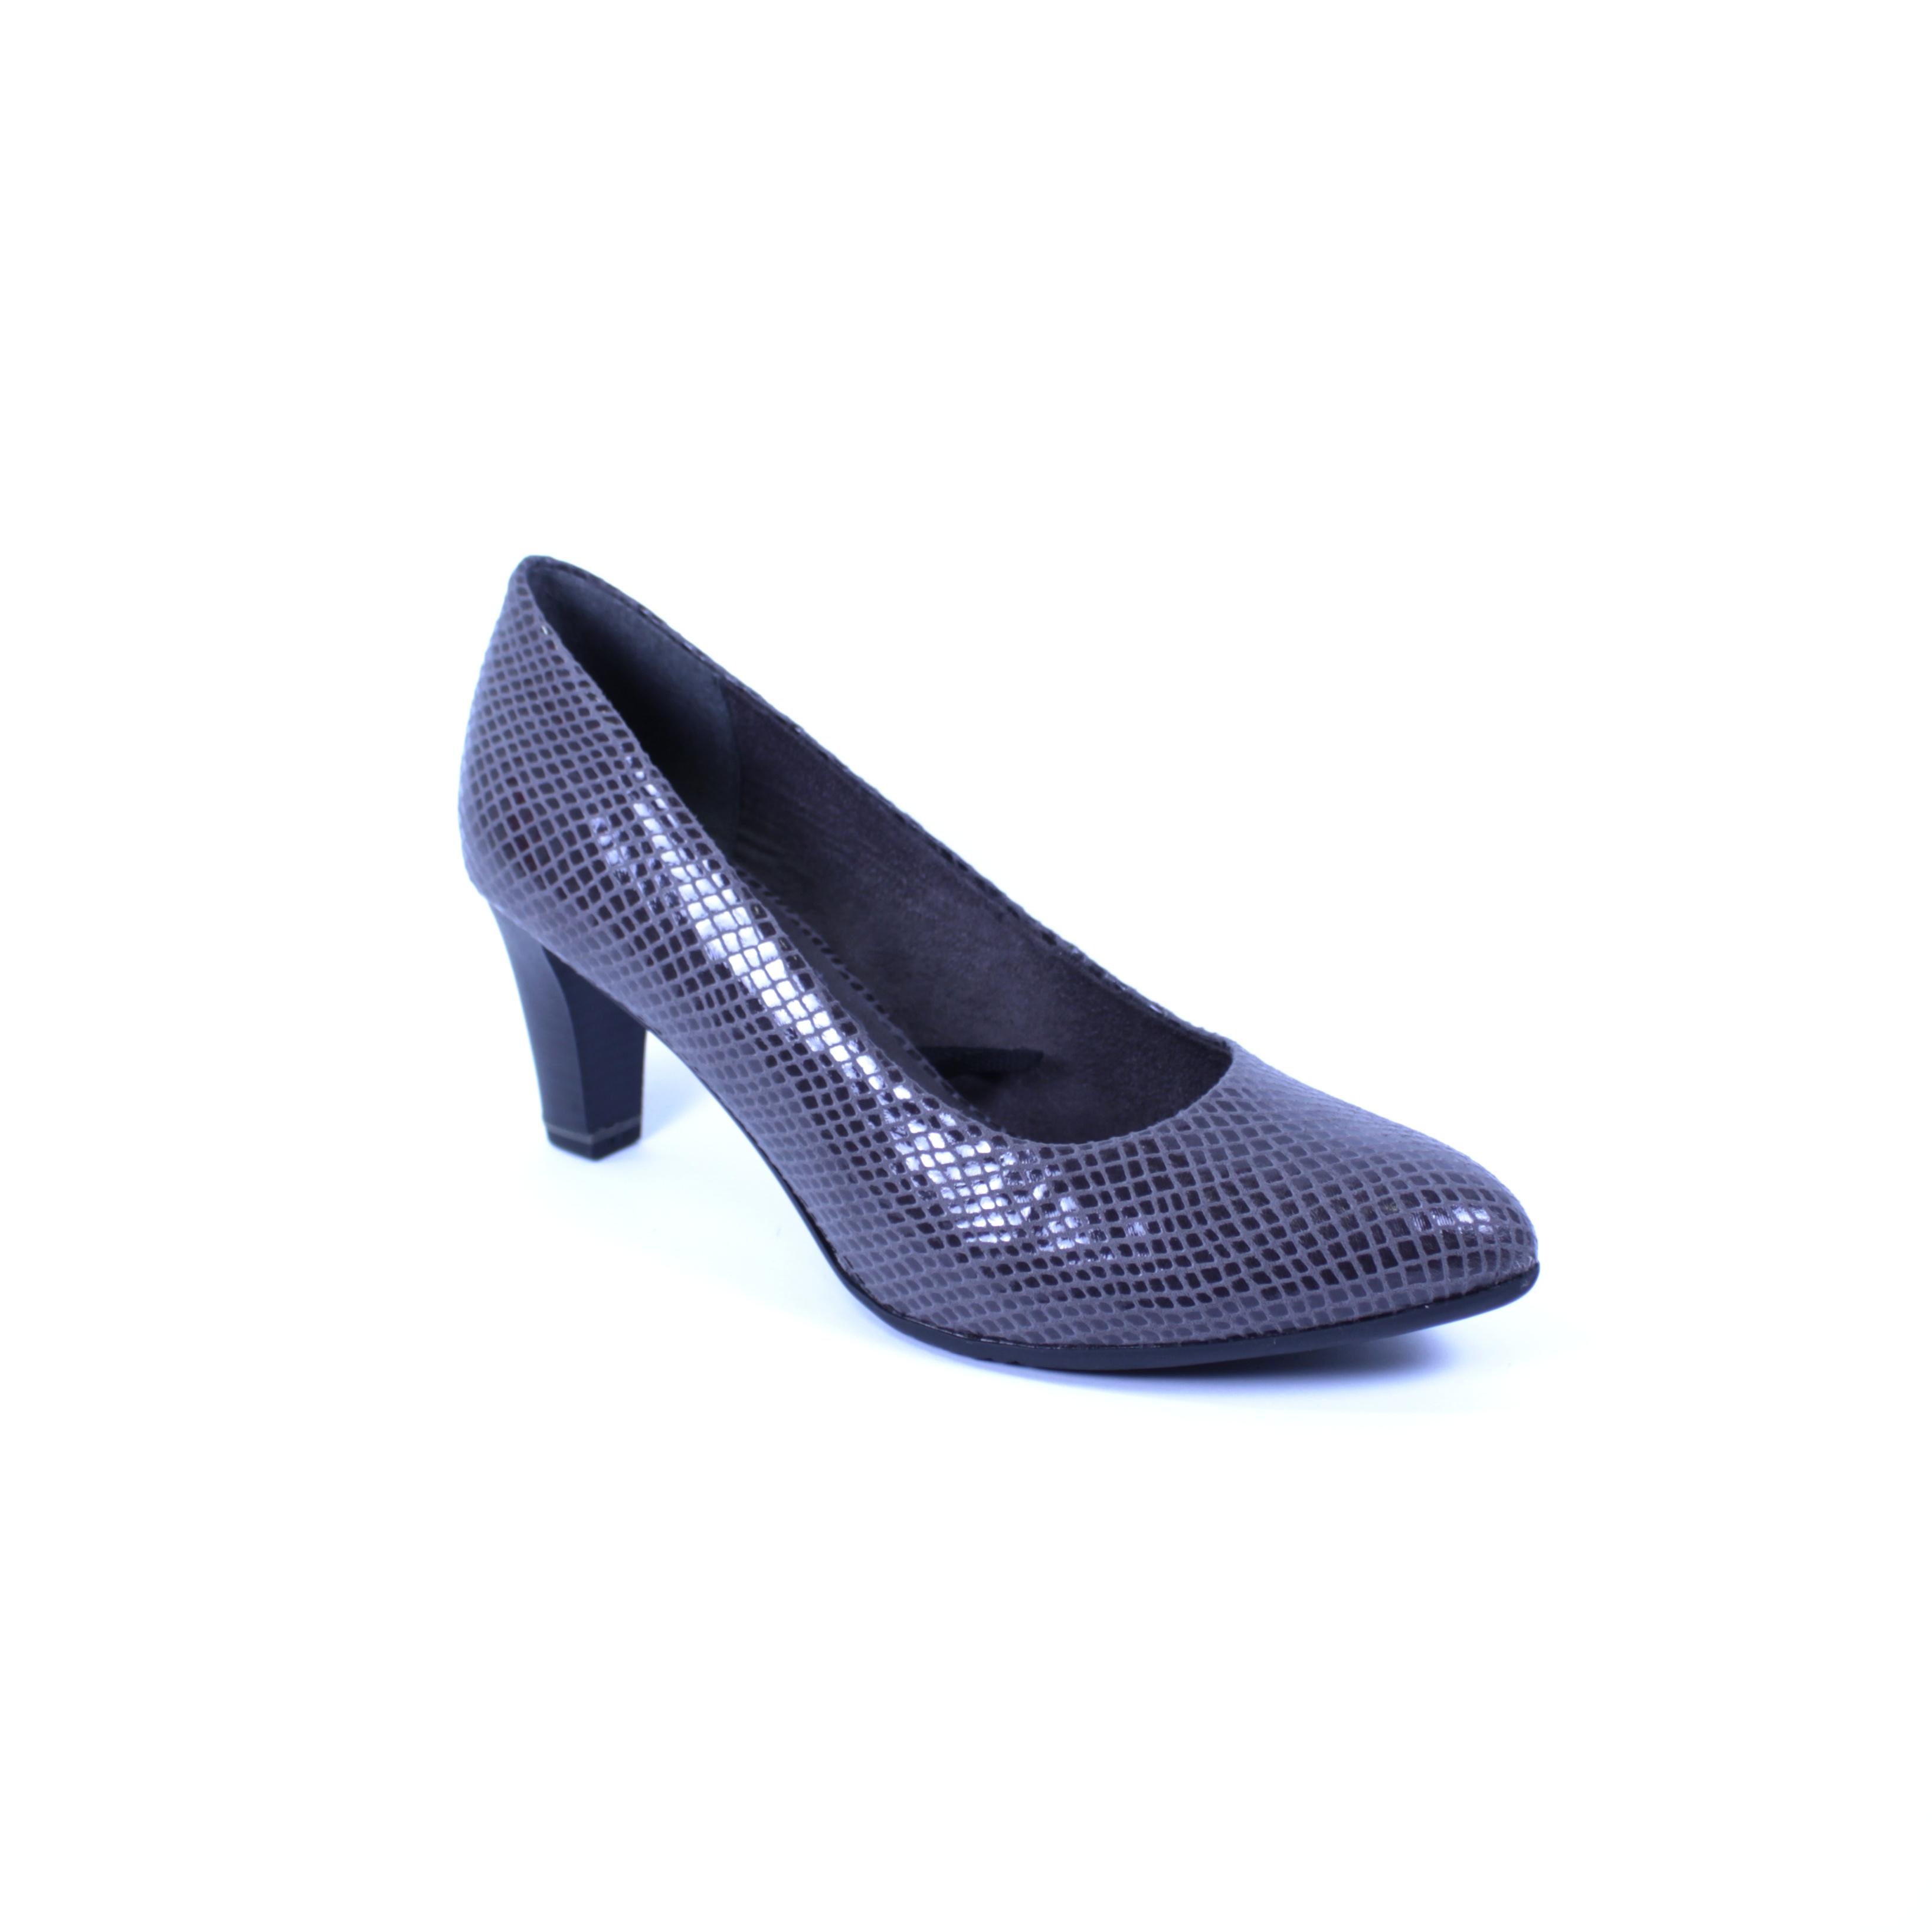 9eb71856e0e8 Lodičky JANA 8-22401-27 297 GREY PAT STRUC – Topánky Olympia shoes